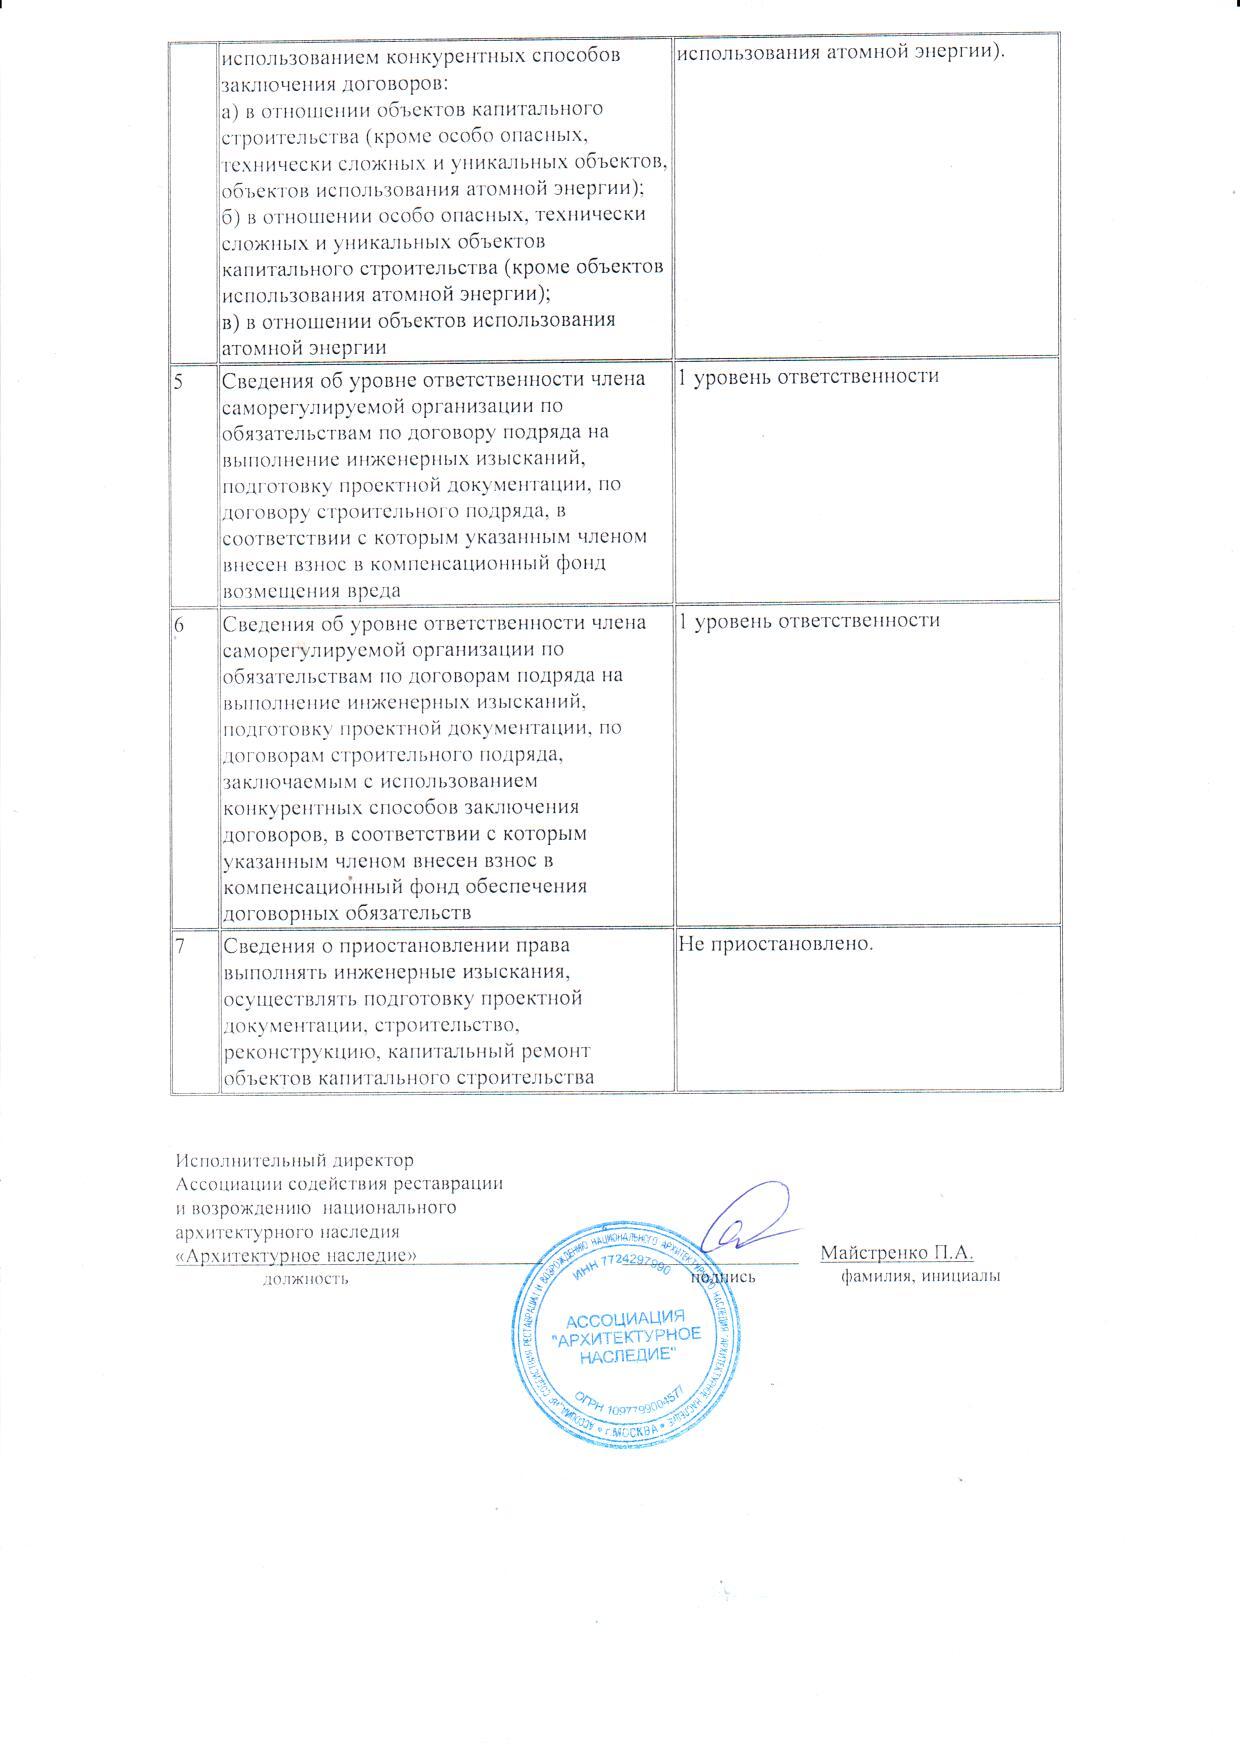 Выписка СРО стр-во л.2